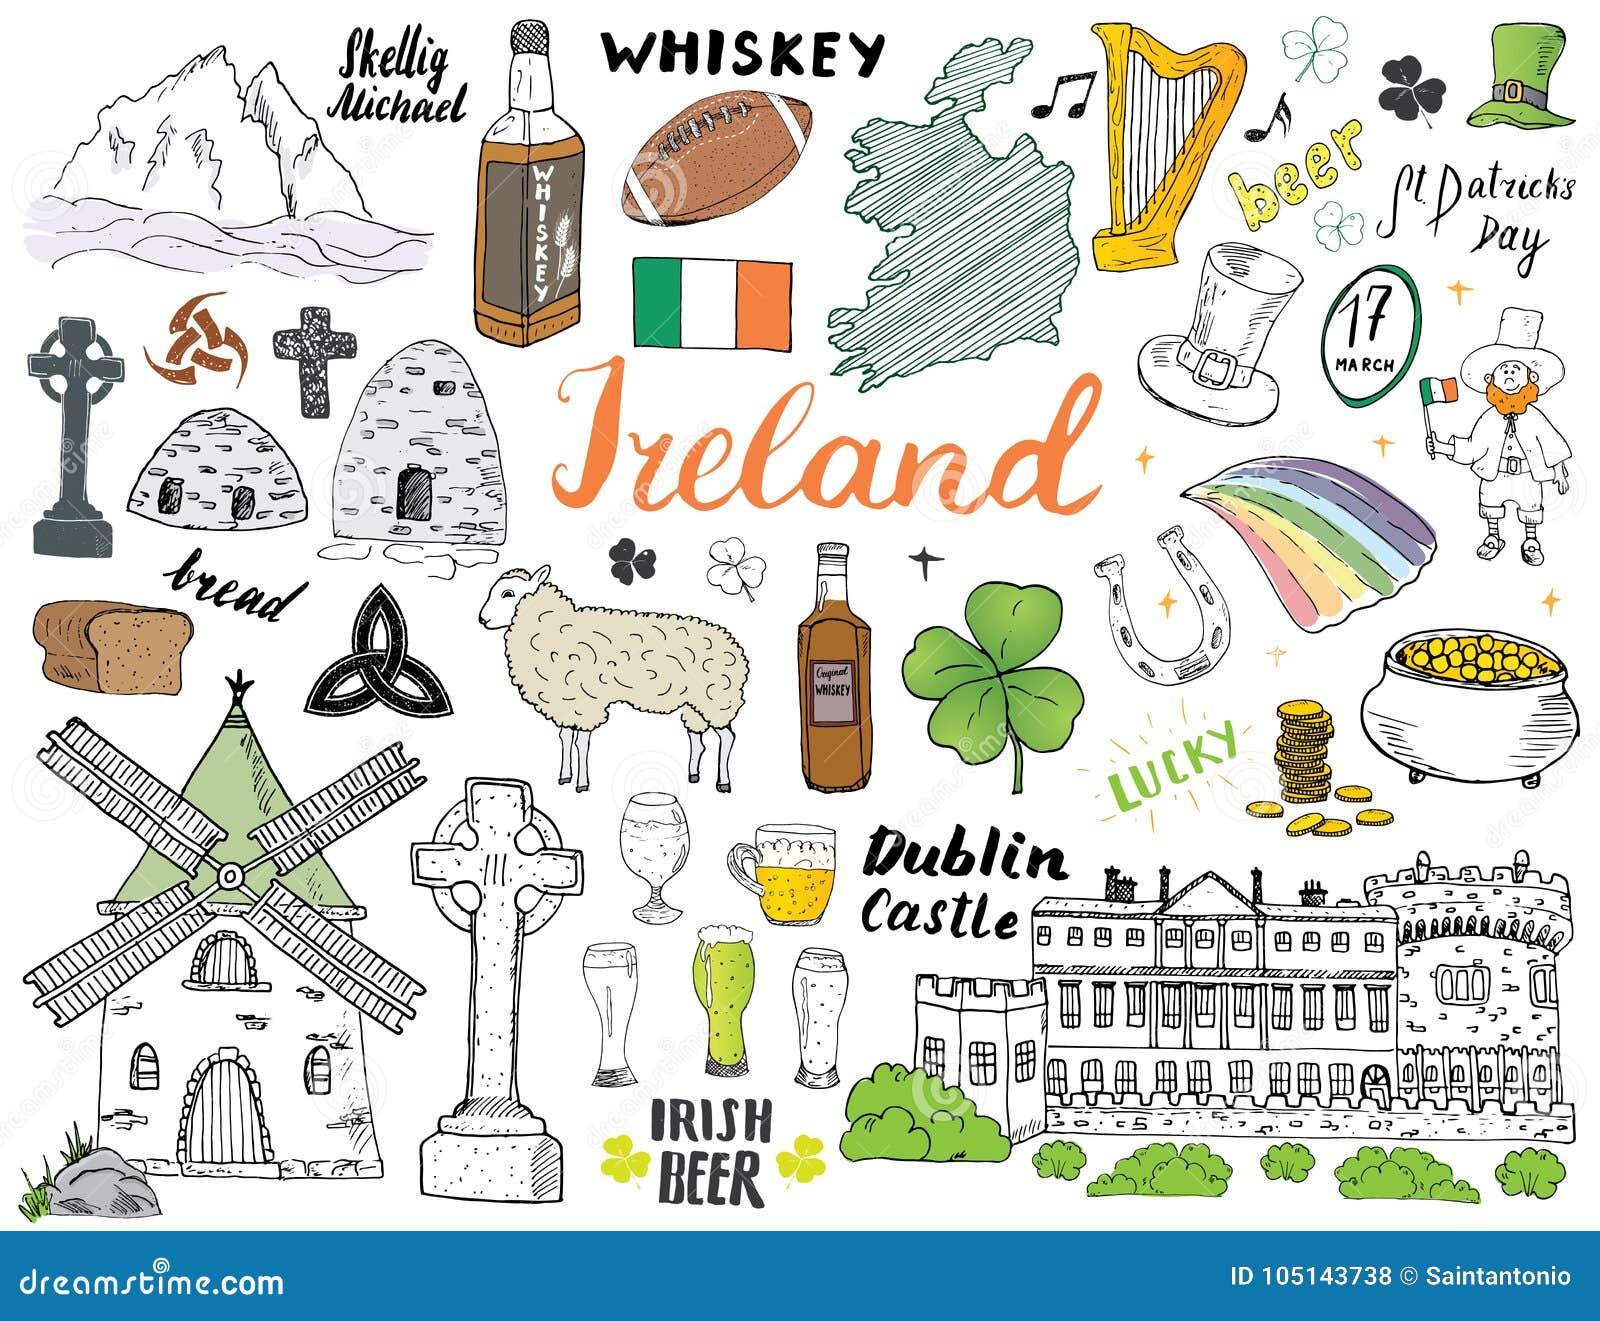 Irland Karte.Irland Skizzen Gekritzel Ubergeben Sie Gezogenen Irischen